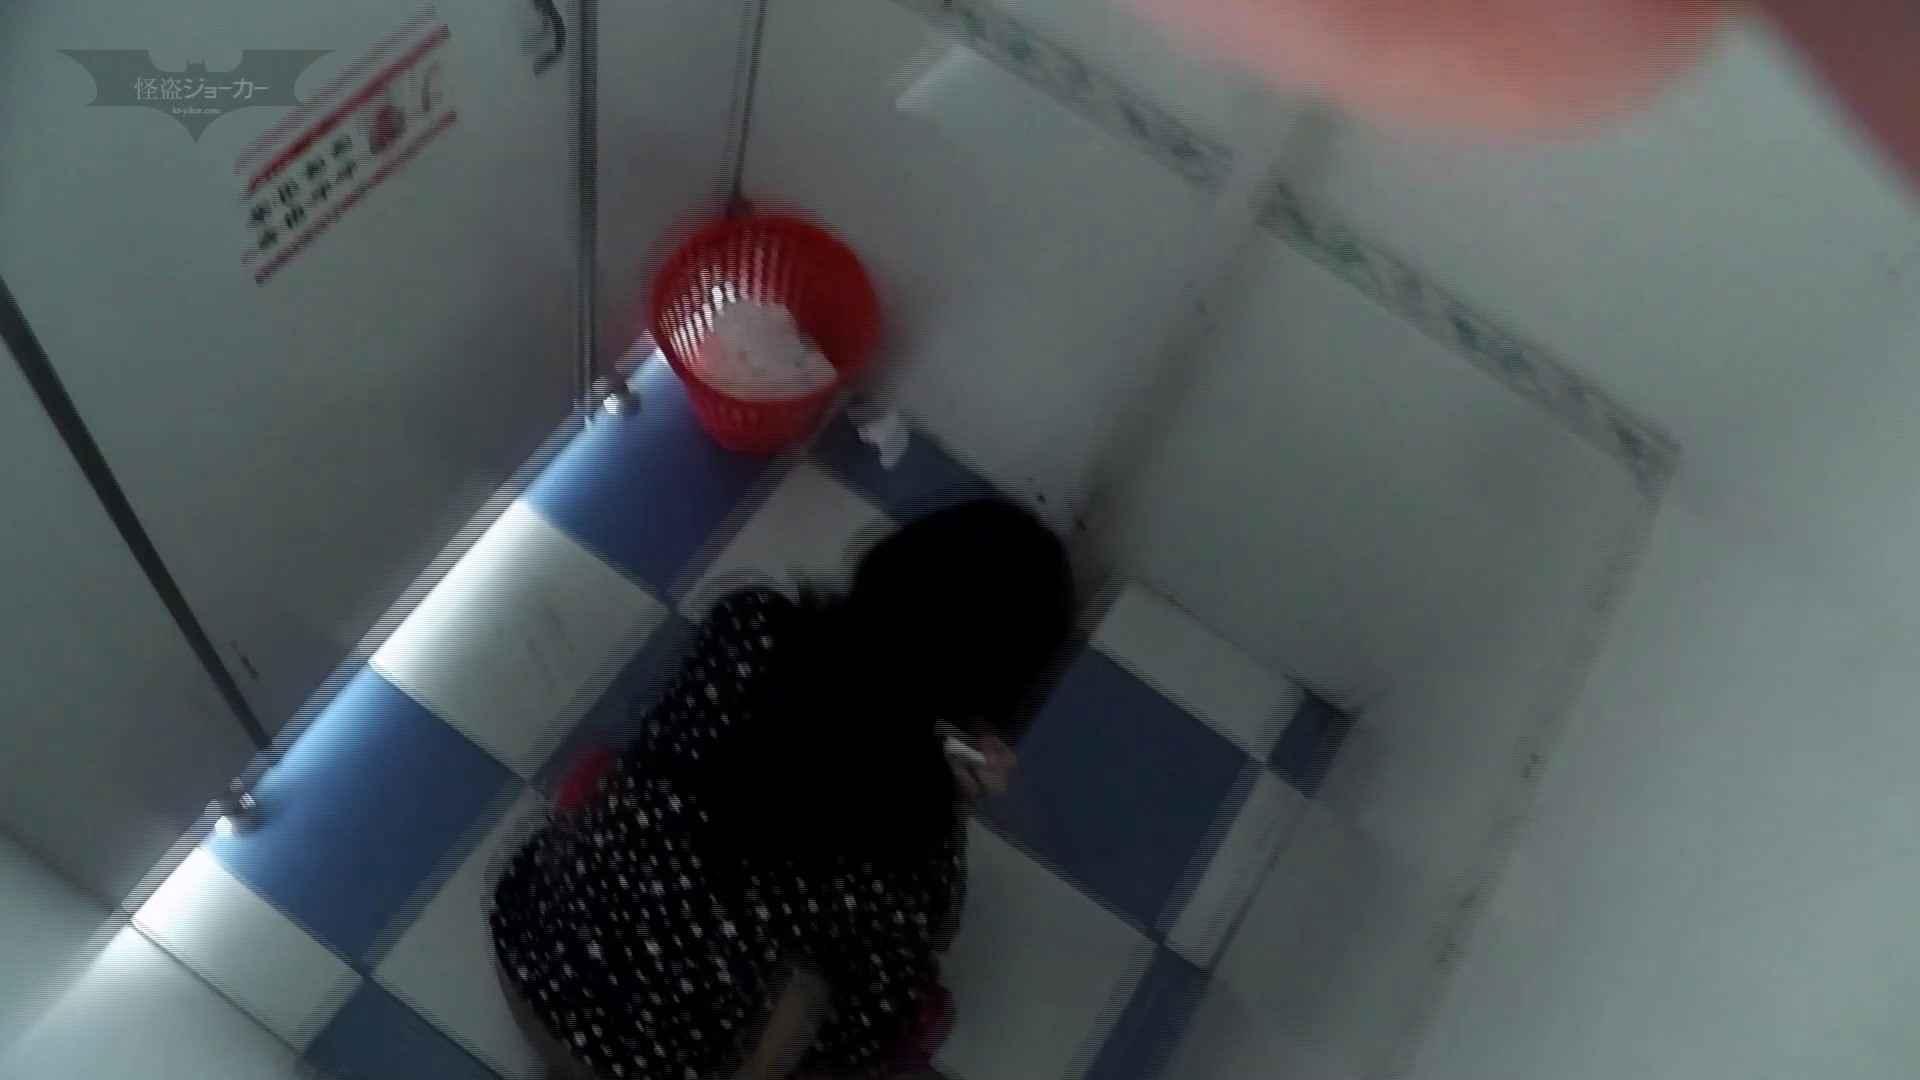 下からノゾム vol.030 びしょびしょの連続、お尻半分濡れるほど、 高画質 | 洗面所  84画像 26